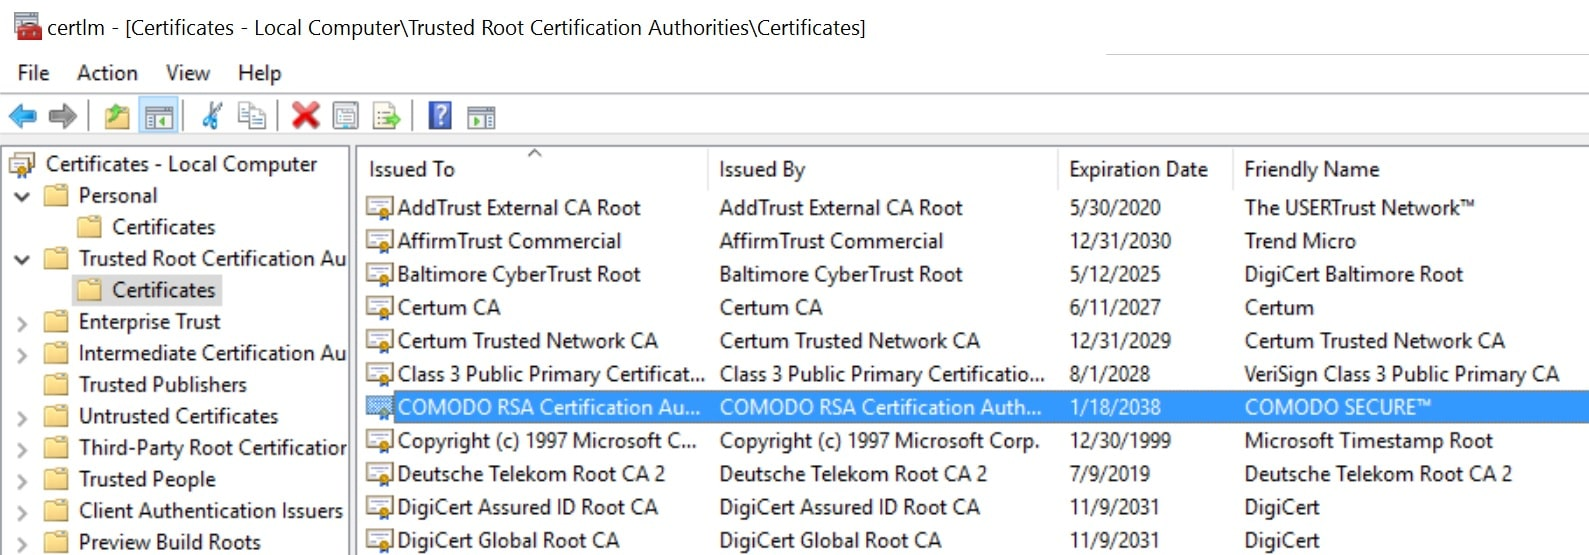 Vertrouwde root Certificaat-Autoriteiten